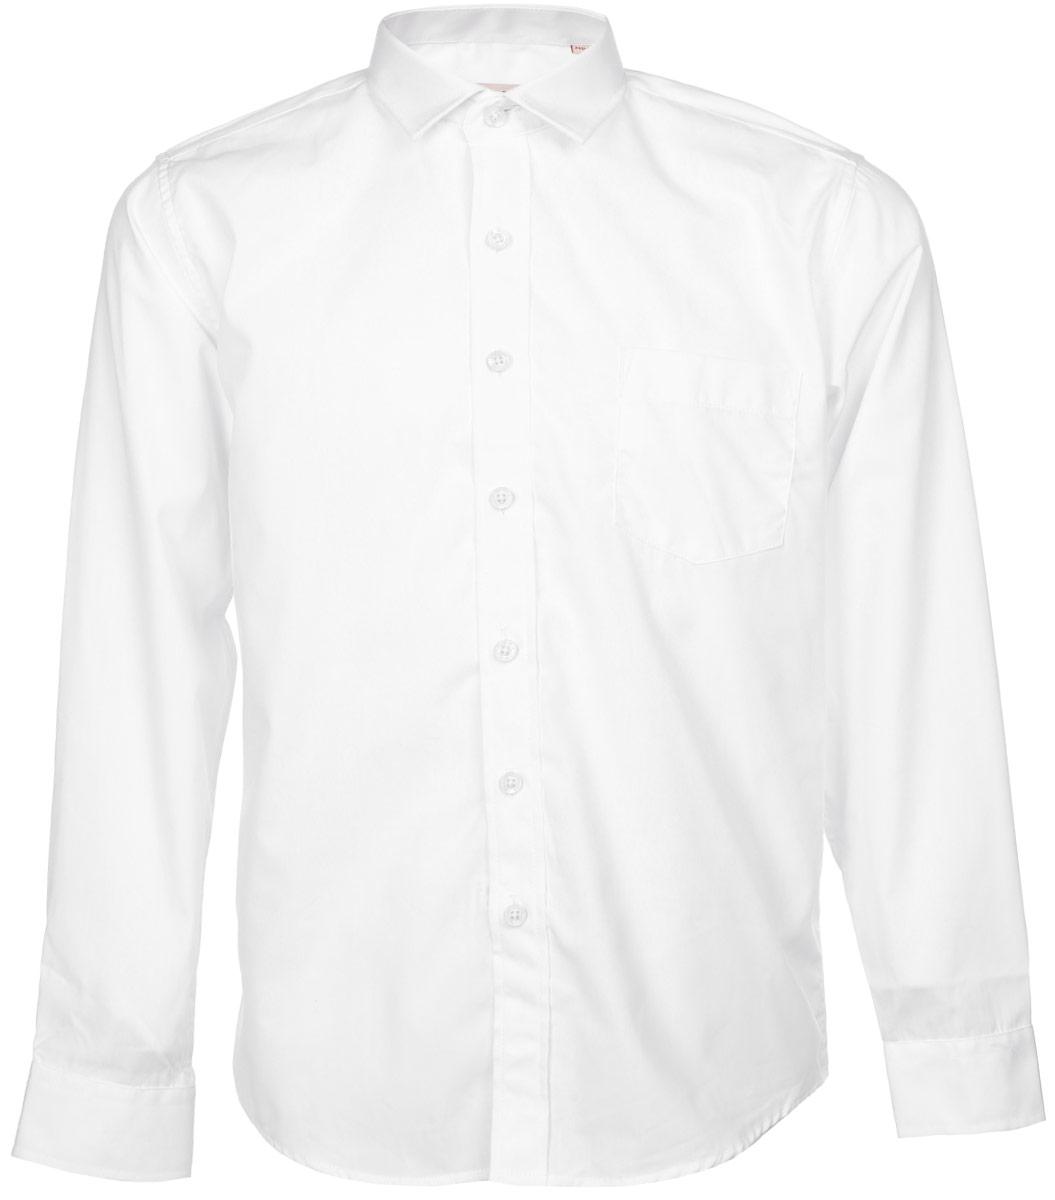 РубашкаPT2000Стильная рубашка для мальчика Imperator идеально подойдет для школы. Изготовленная из хлопка с добавлением полиэстера, она необычайно мягкая, легкая и приятная на ощупь, не сковывает движения малыша и позволяет коже дышать, не раздражает даже самую нежную и чувствительную кожу ребенка, обеспечивая ему наибольший комфорт. Рубашка классического кроя с длинными рукавами и отложным воротничком застегивается на пуговицы. Рукава имеют широкие манжеты, также застегивающиеся на пуговицы. На груди расположен накладной открытый карман. Такая рубашка - незаменимая вещь для школьной формы, отлично сочетается с брюками, жилетами и пиджаками.